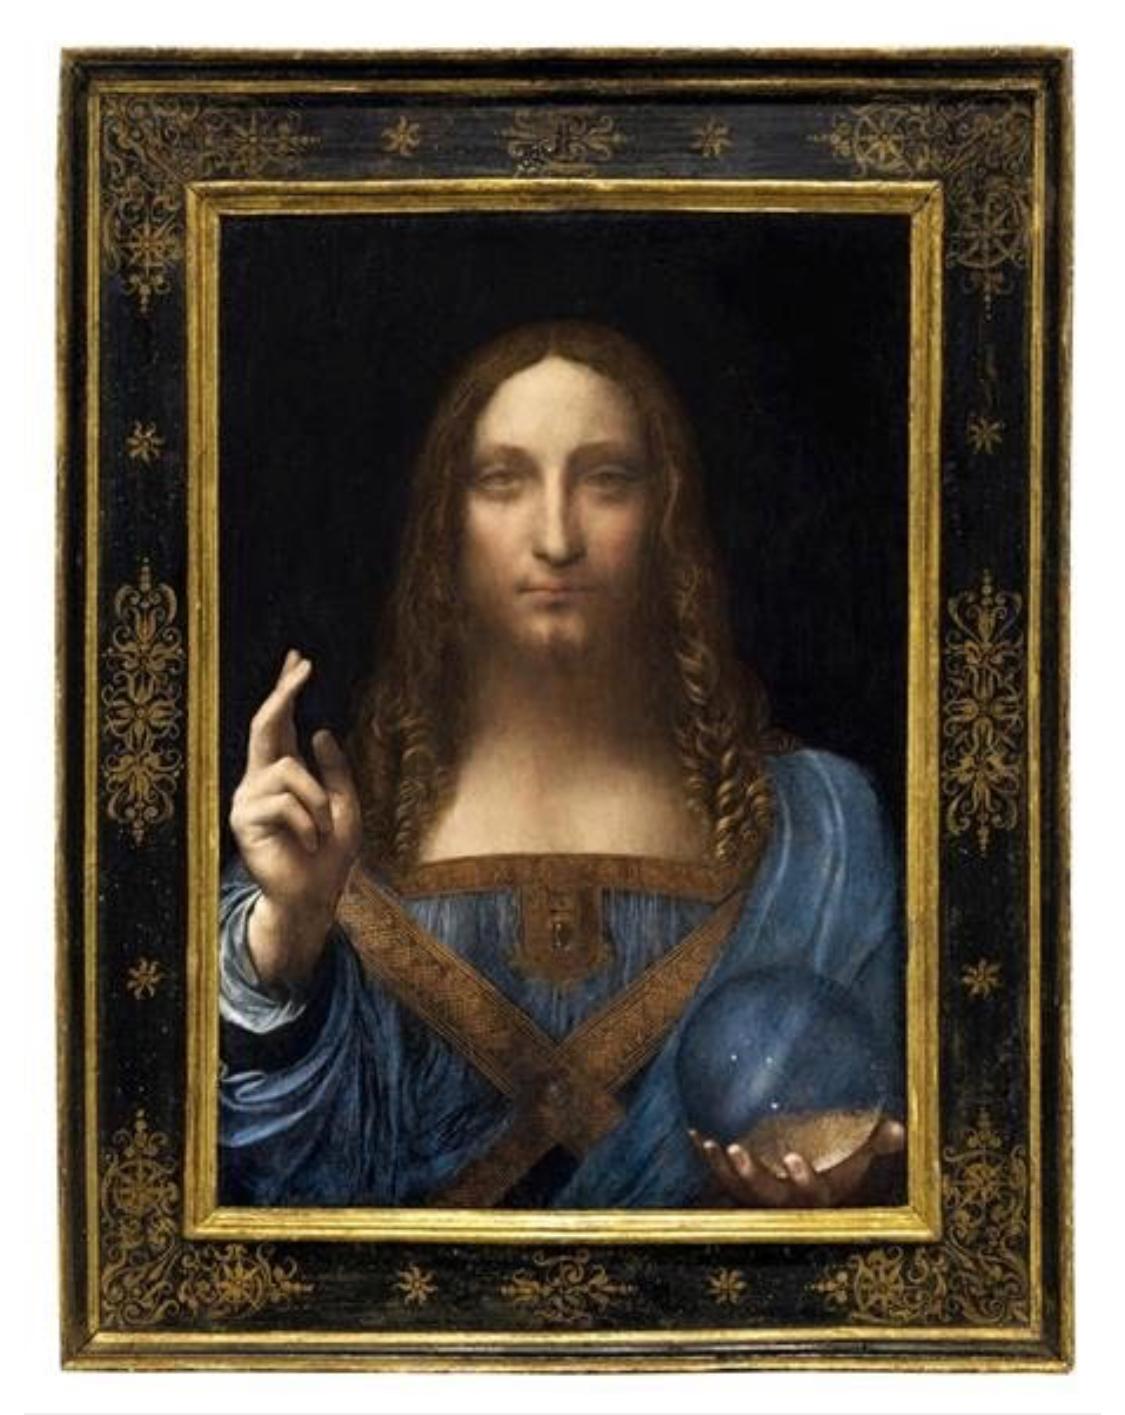 レオナルド・ダビンチの油絵「サルバトール・ムンディ」508億円の落札者は誰だ?